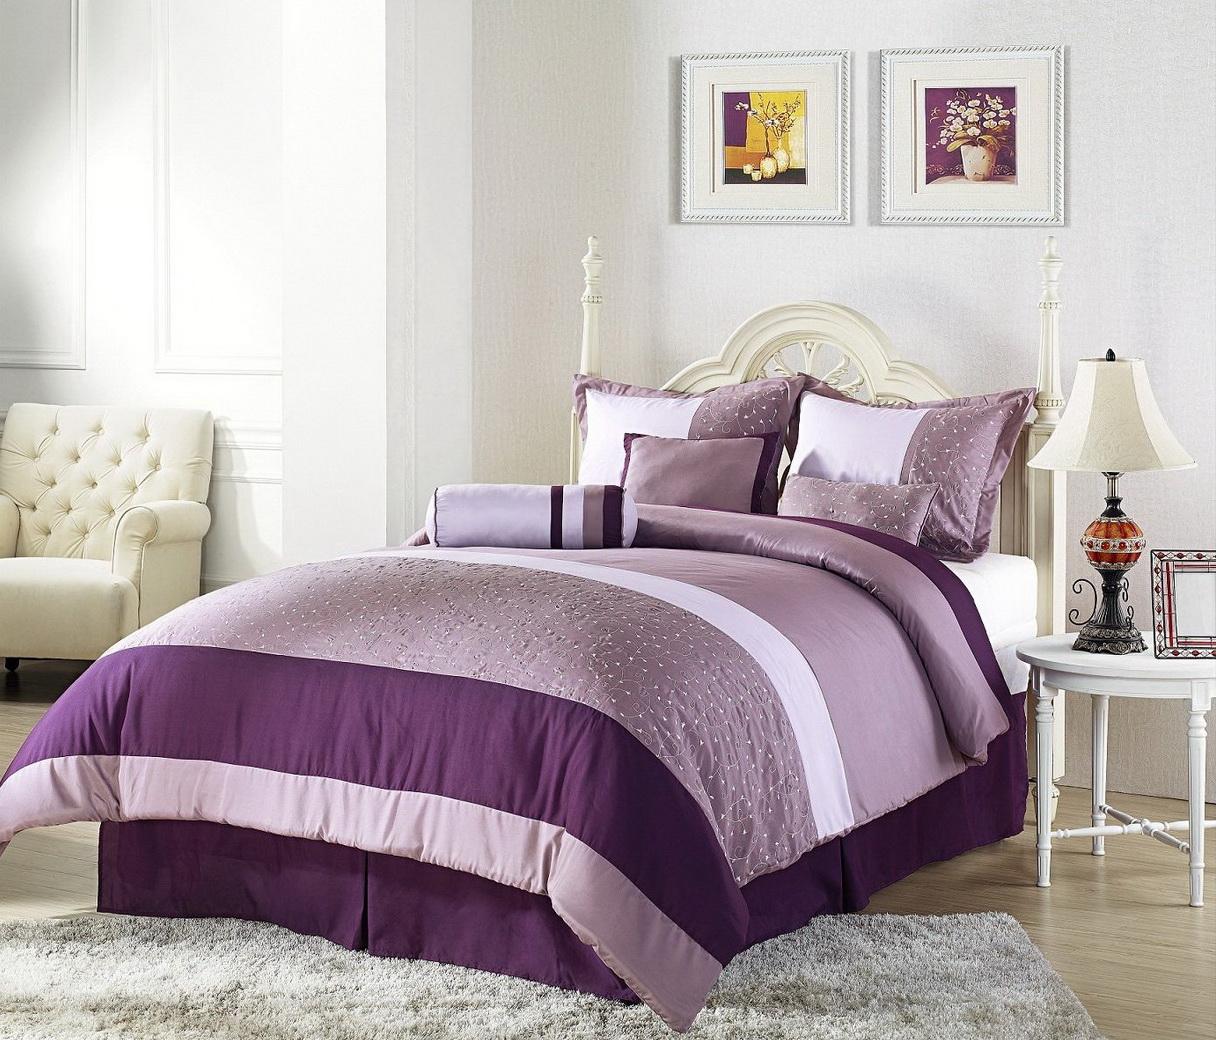 افضل 5 خامات مفارش السرير لغرف النوم .